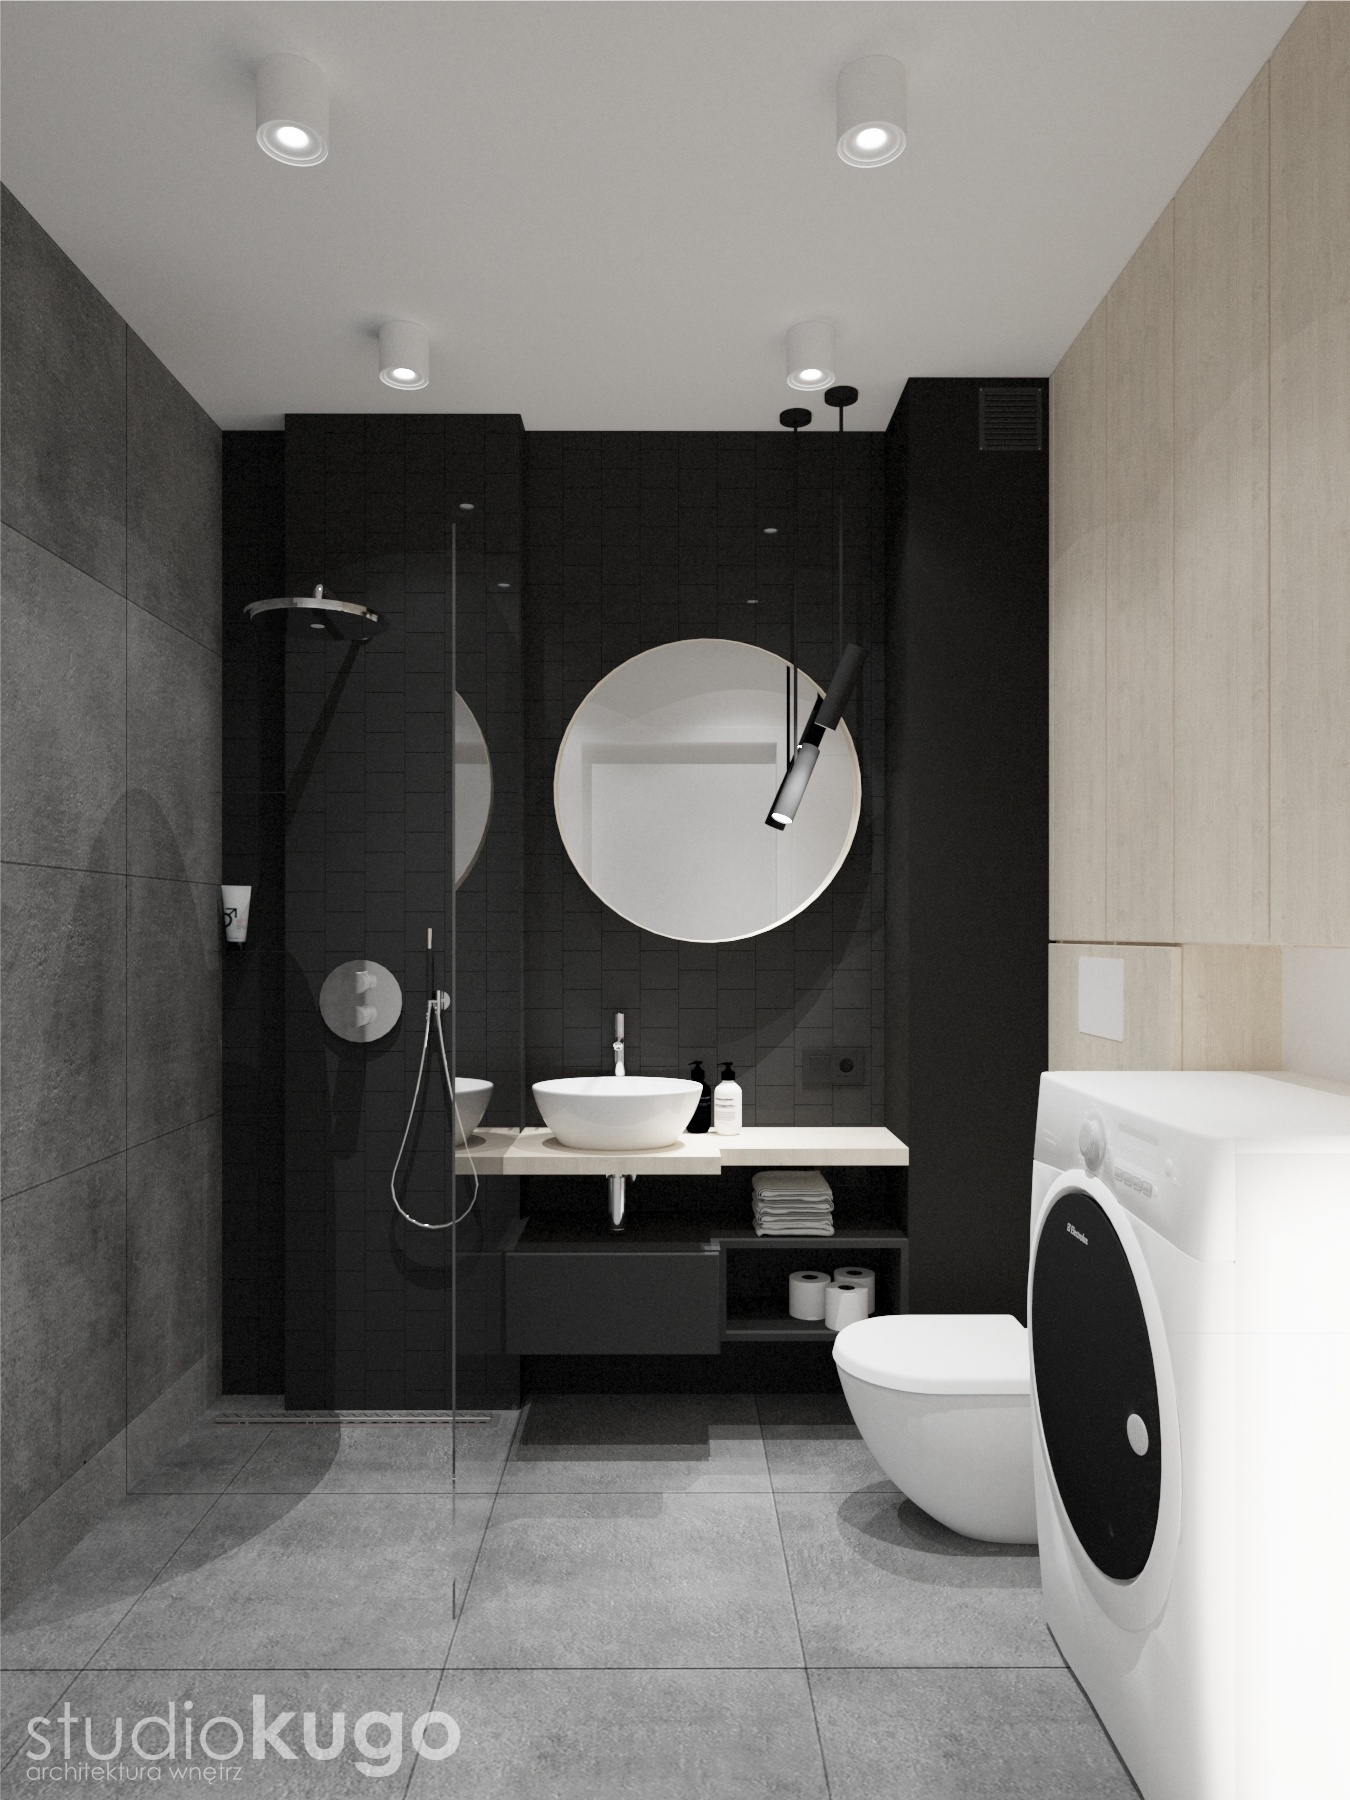 019_A_ (6)_łazienka